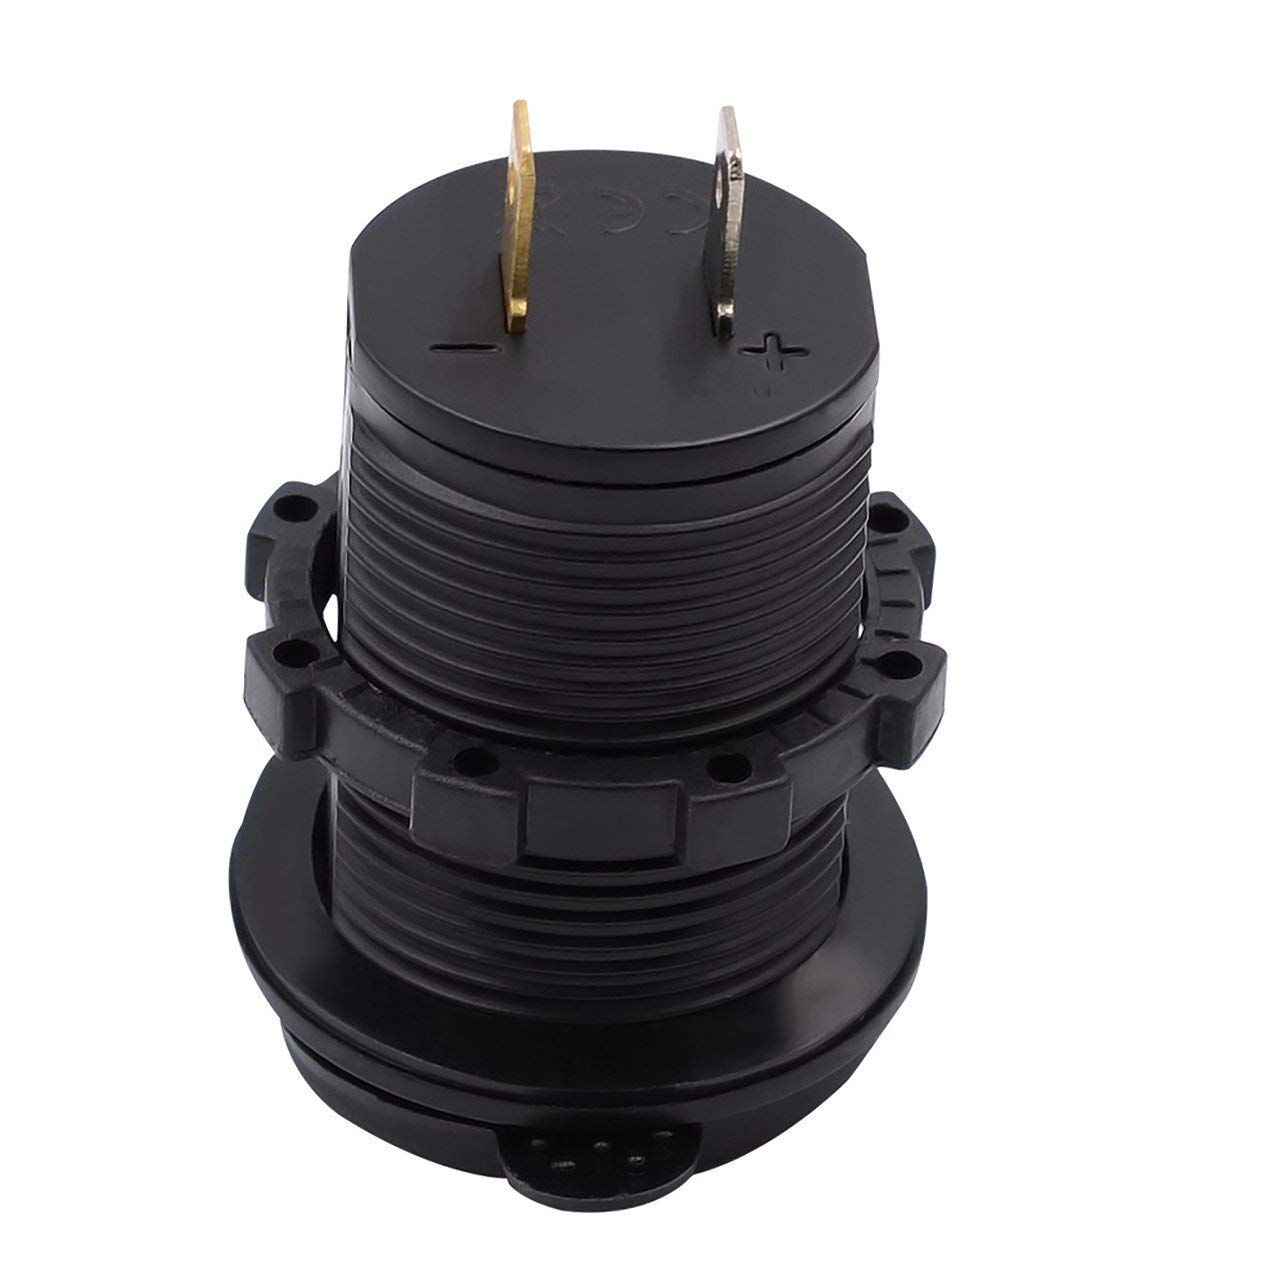 5V 4.2A Dual USB Socket Adaptateur Prise Chargeur pour 12V 24V Moto Voiture Haut Coefficient de s/écurit/é avec indicateur LED Jpstyle